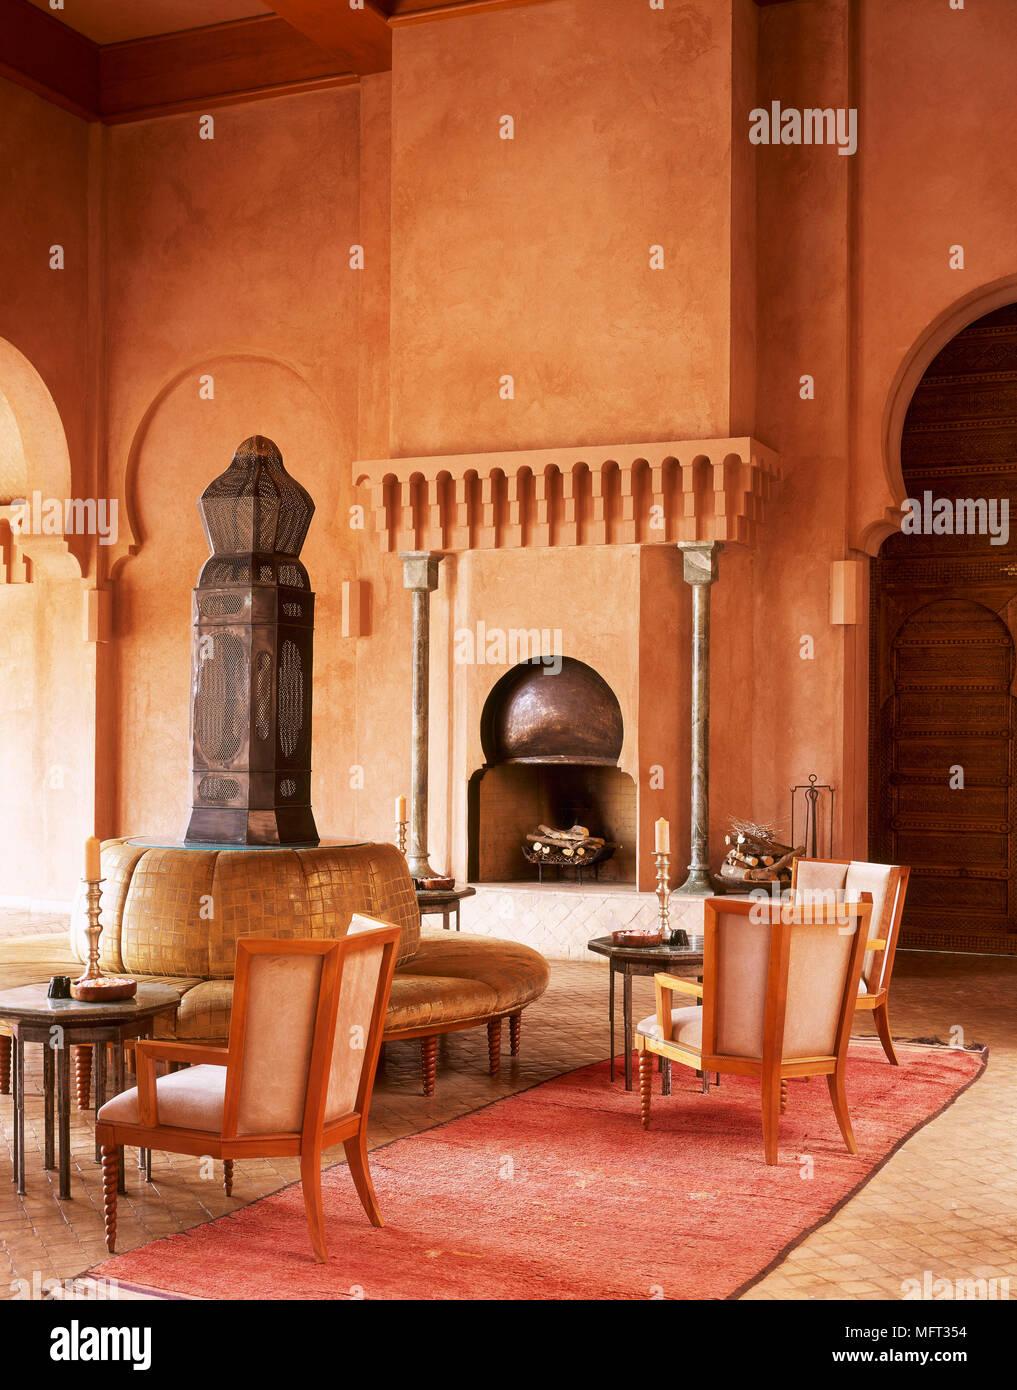 Terre cuite marocain salon cheminée coin salon fauteuils rembourrés ...